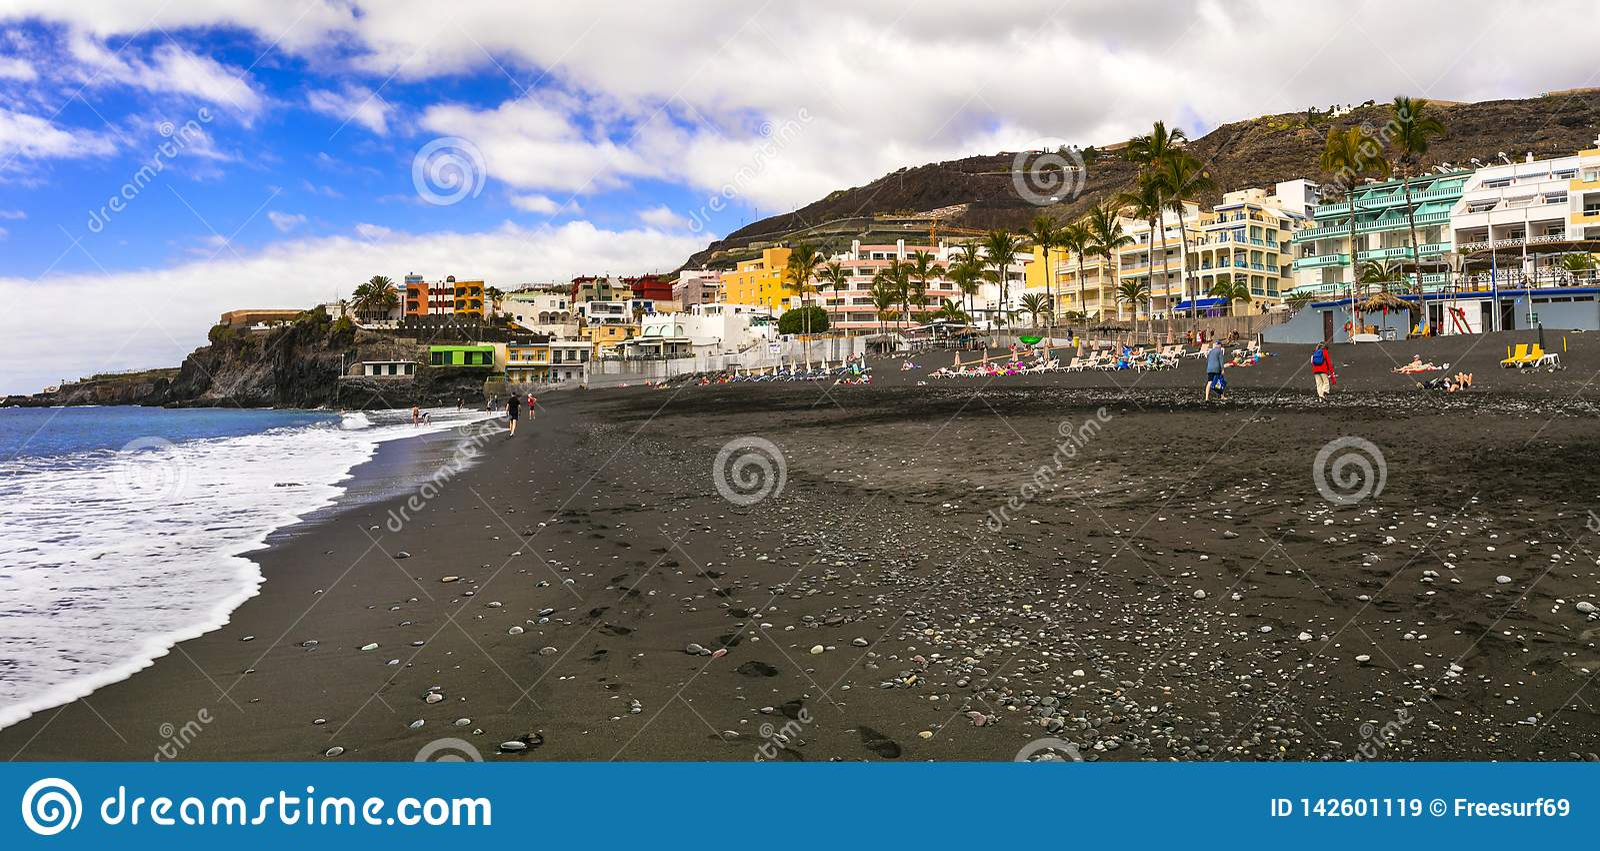 Пляж Naos Puerto - самый большой и красивый отработанной формовочной смеси